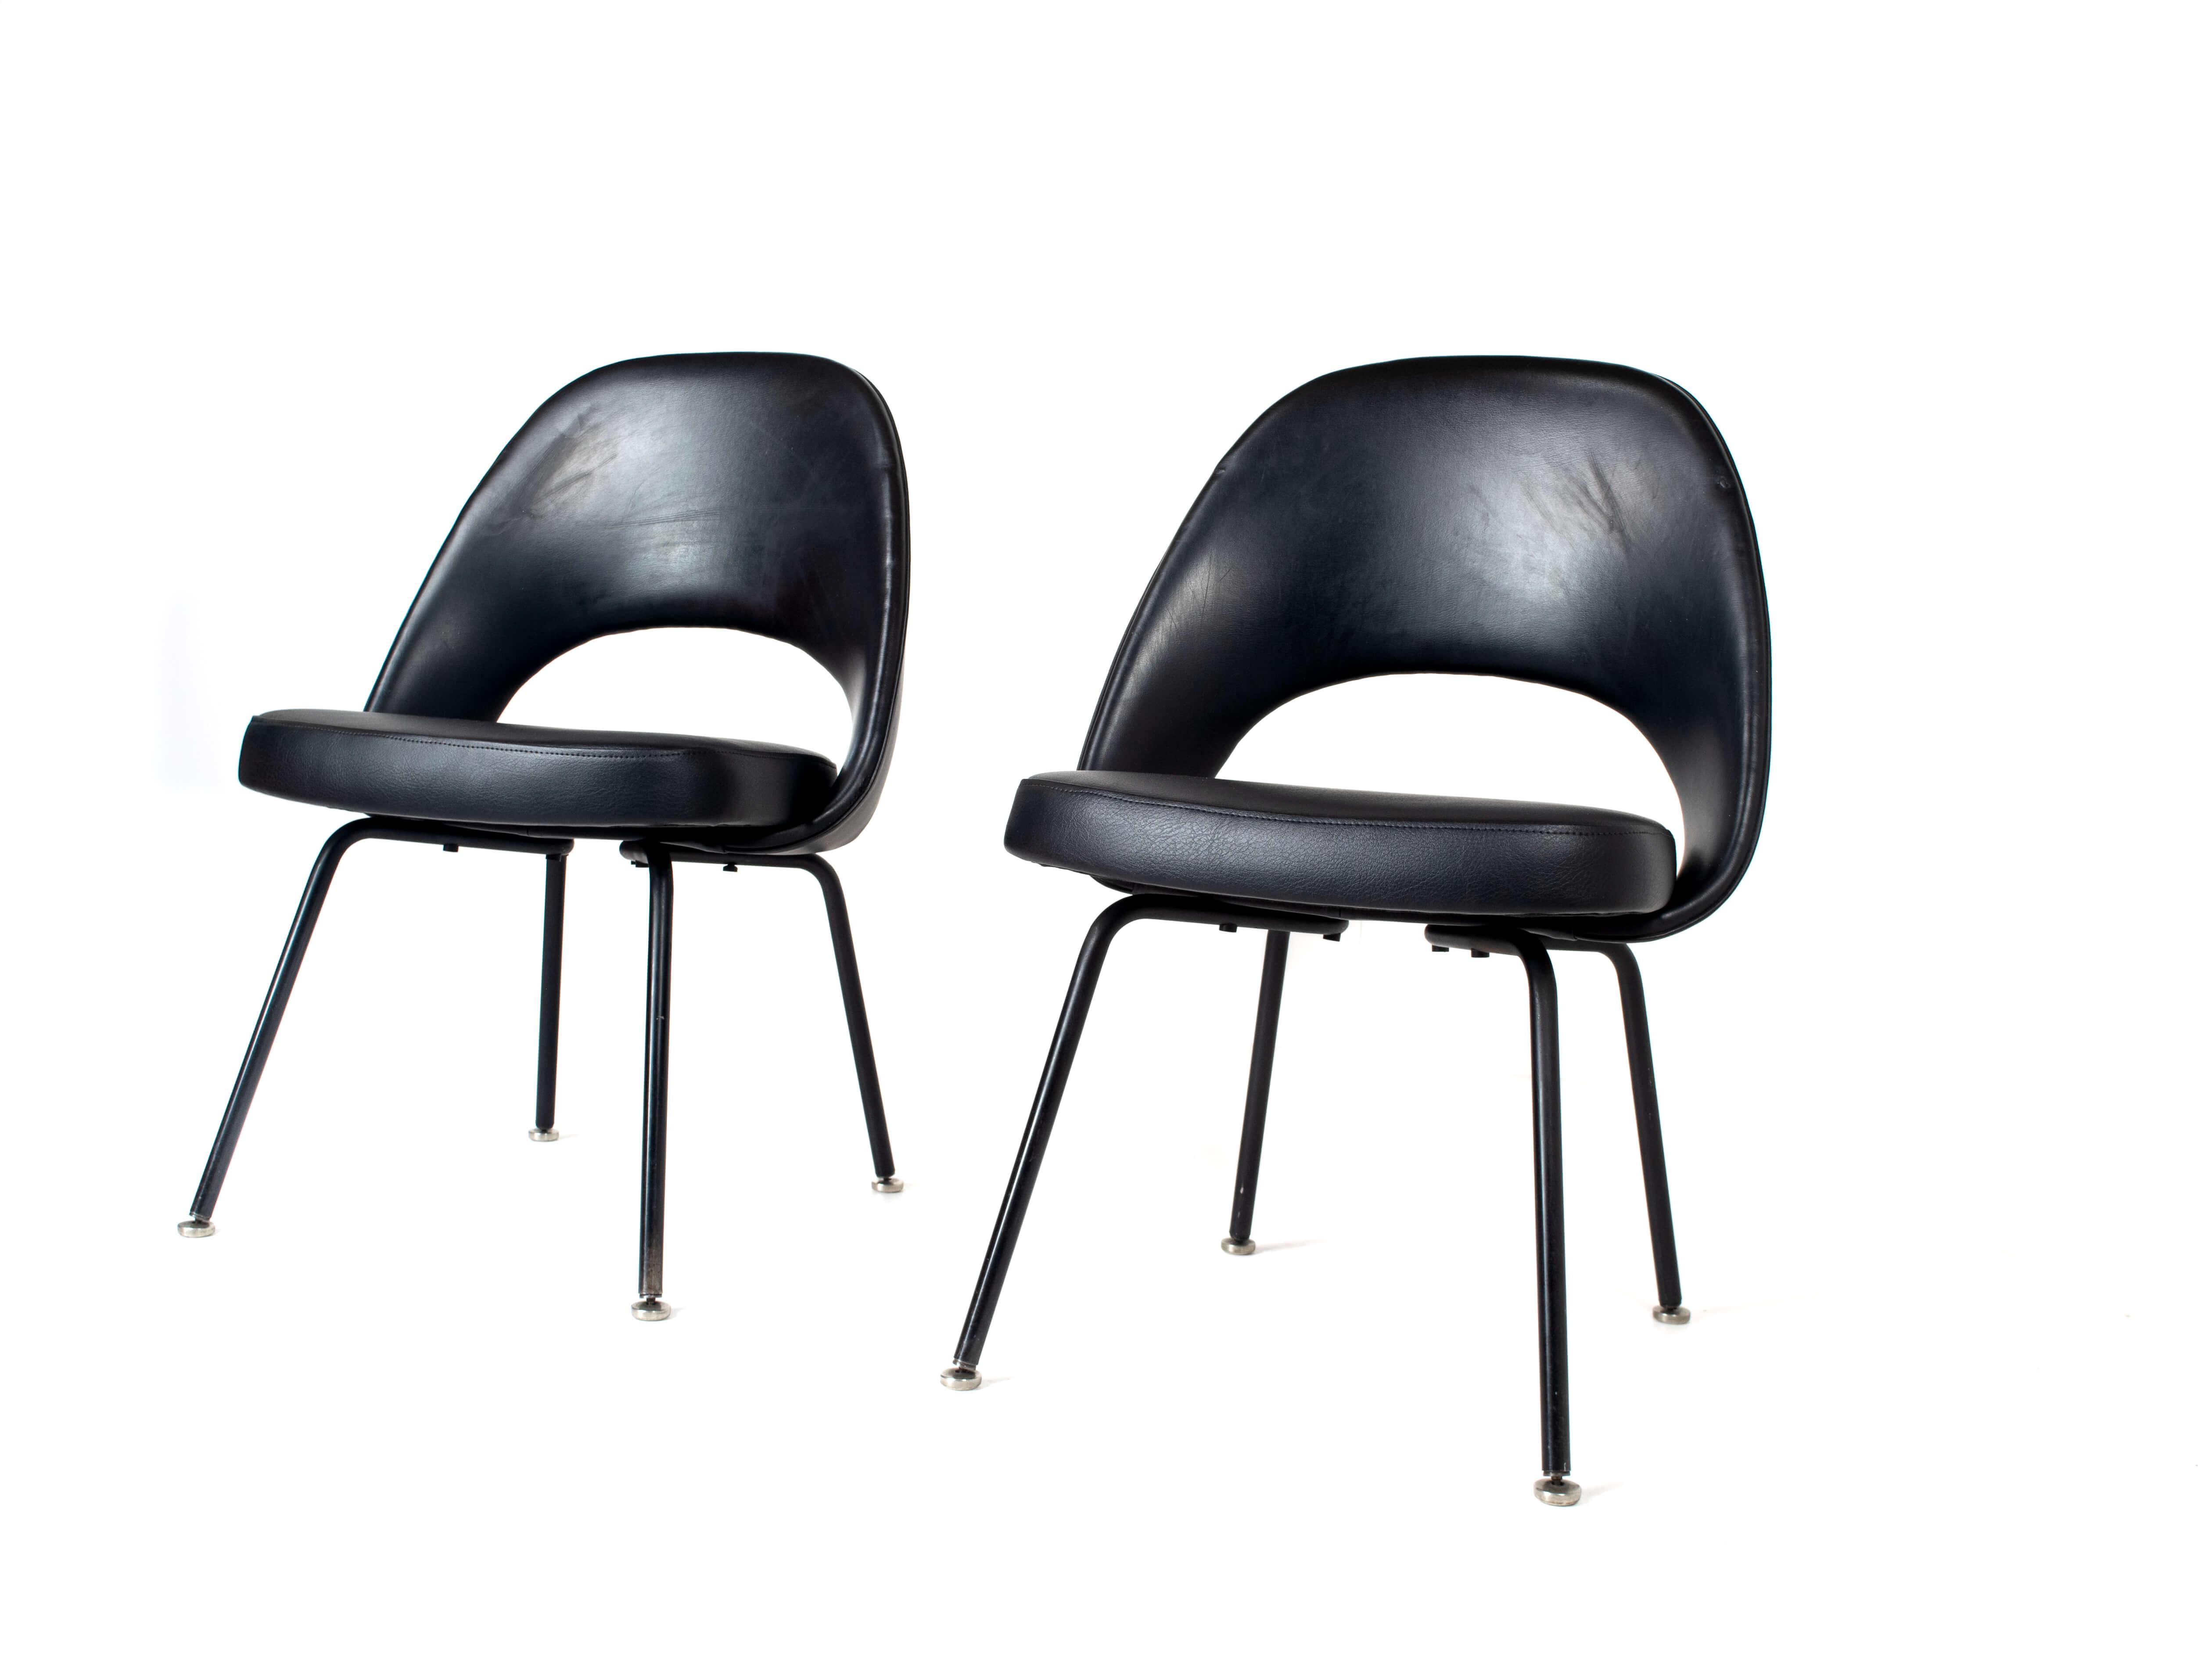 Set of Two Eero Saarinen Executive Chairs for Knoll De Coene, Belgium 1950s